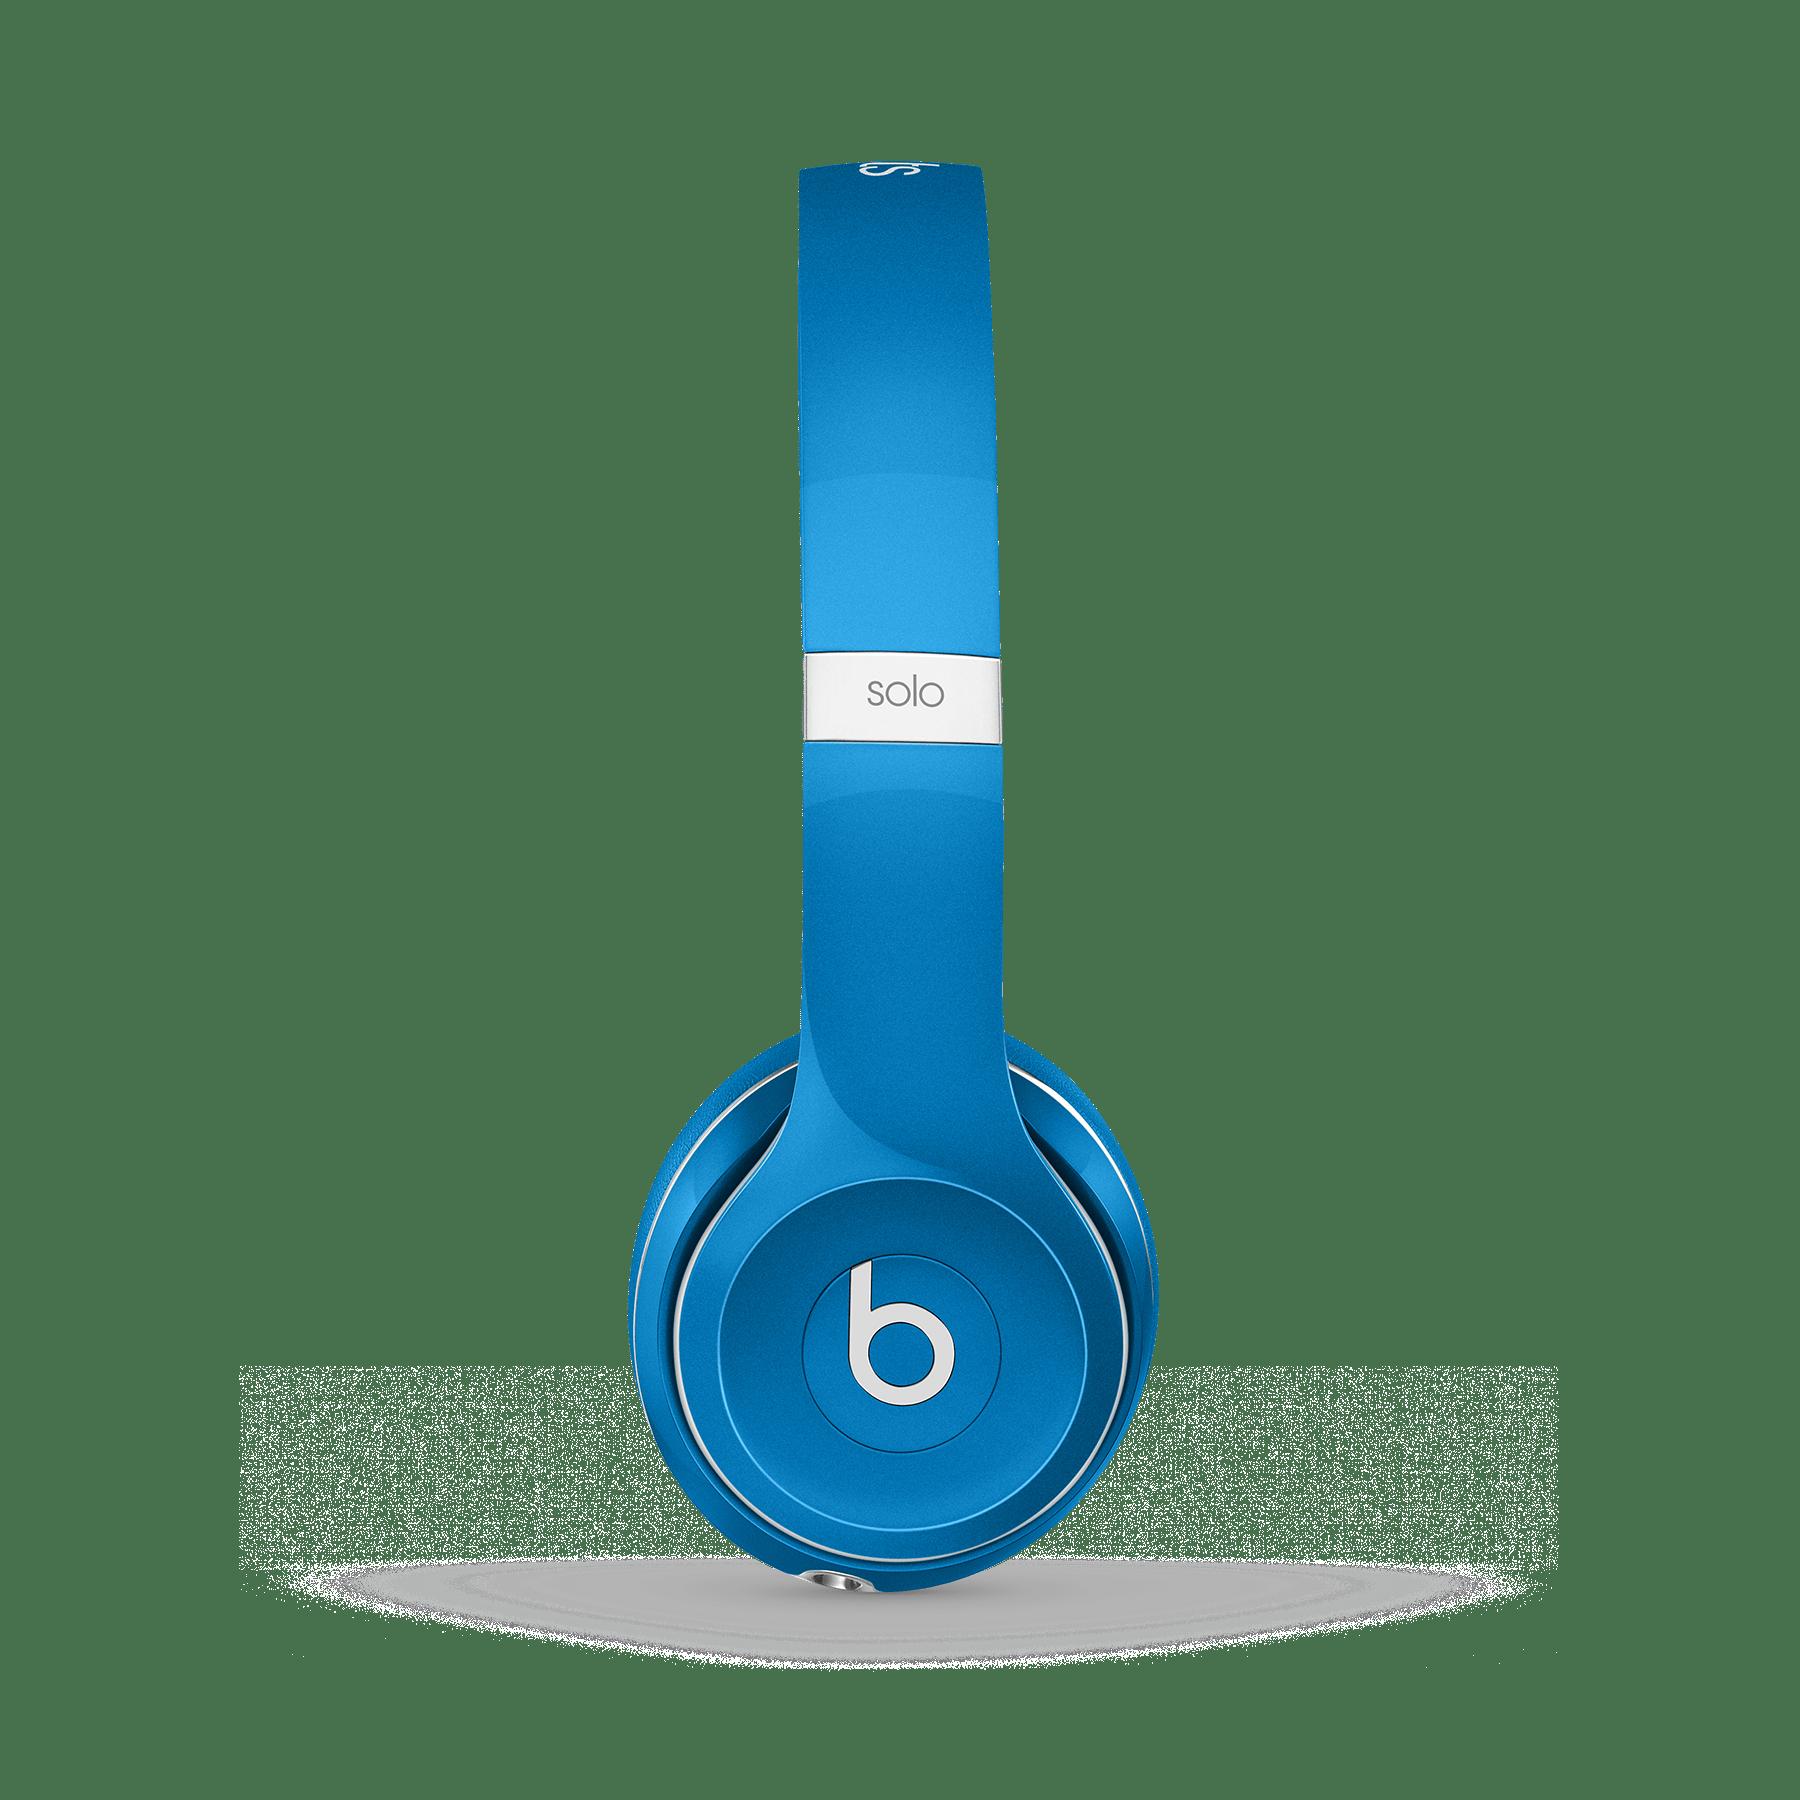 85c597d45df Beats Solo2 On-Ear Headphones - Beats by Dre